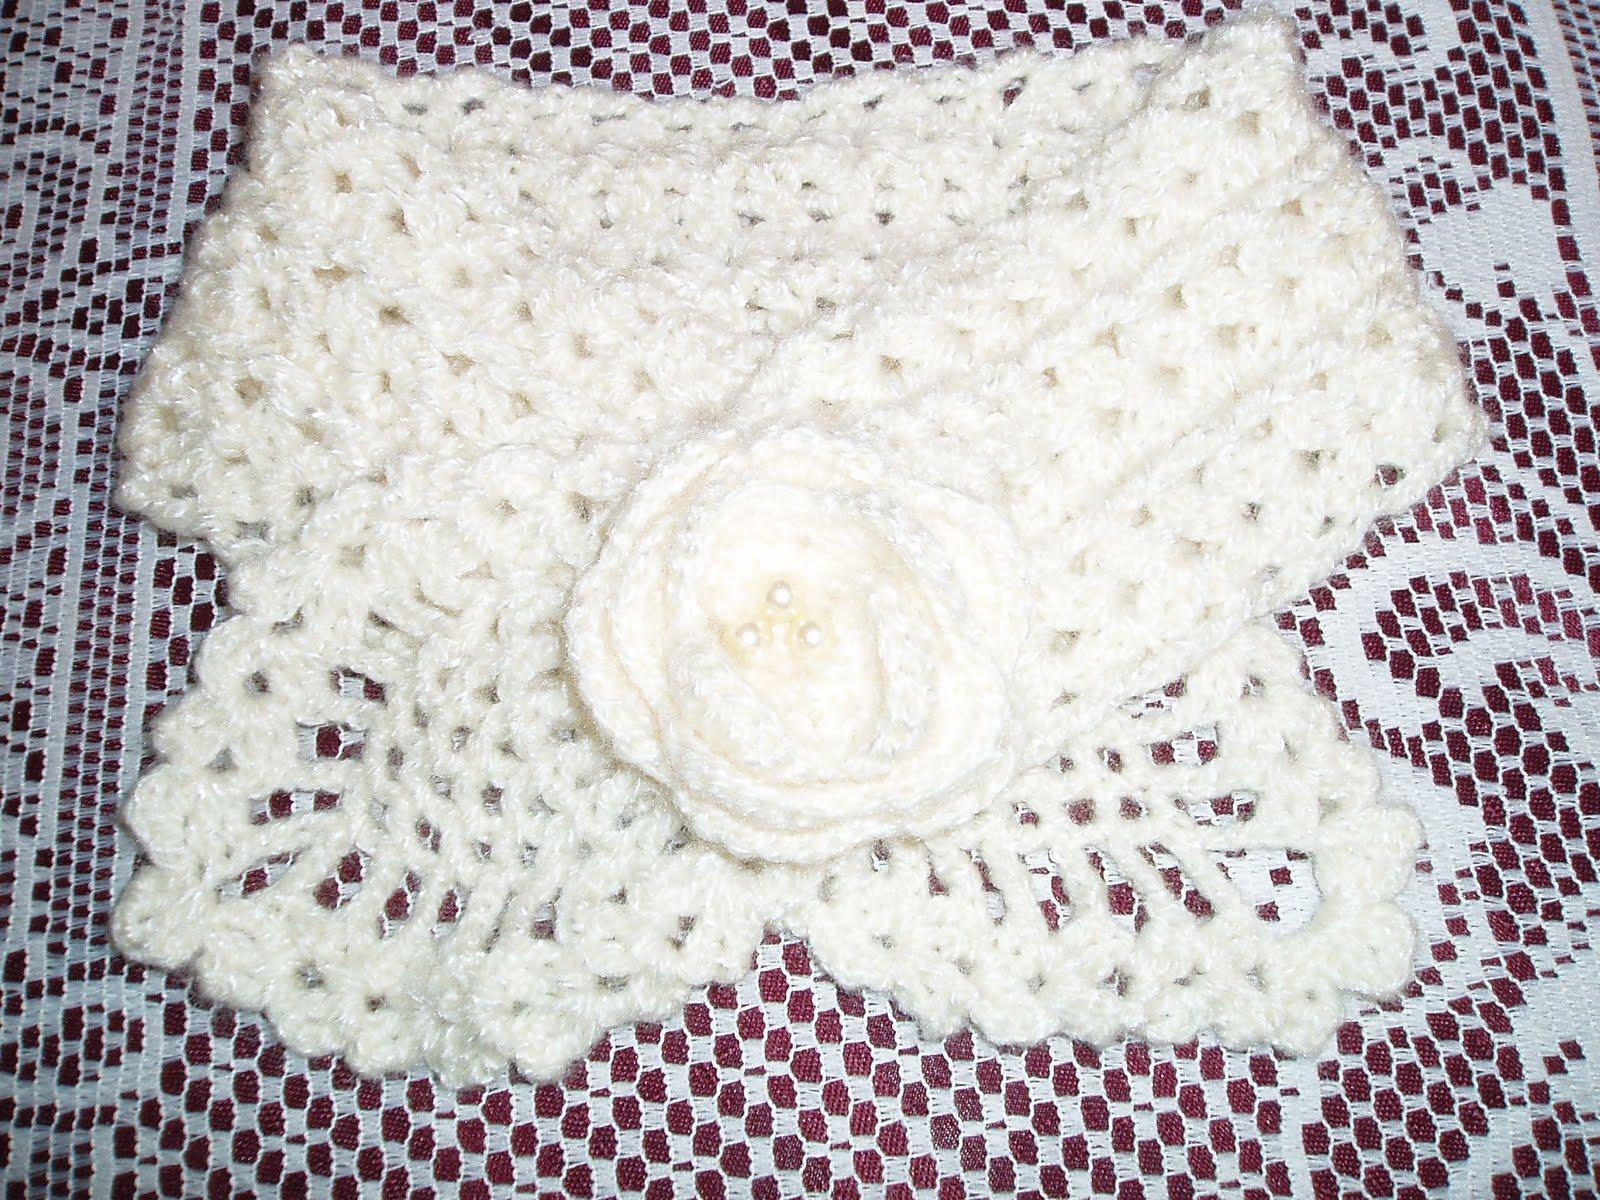 Amigas este hermoso cuello esta tejido a crochet, espero les guste.